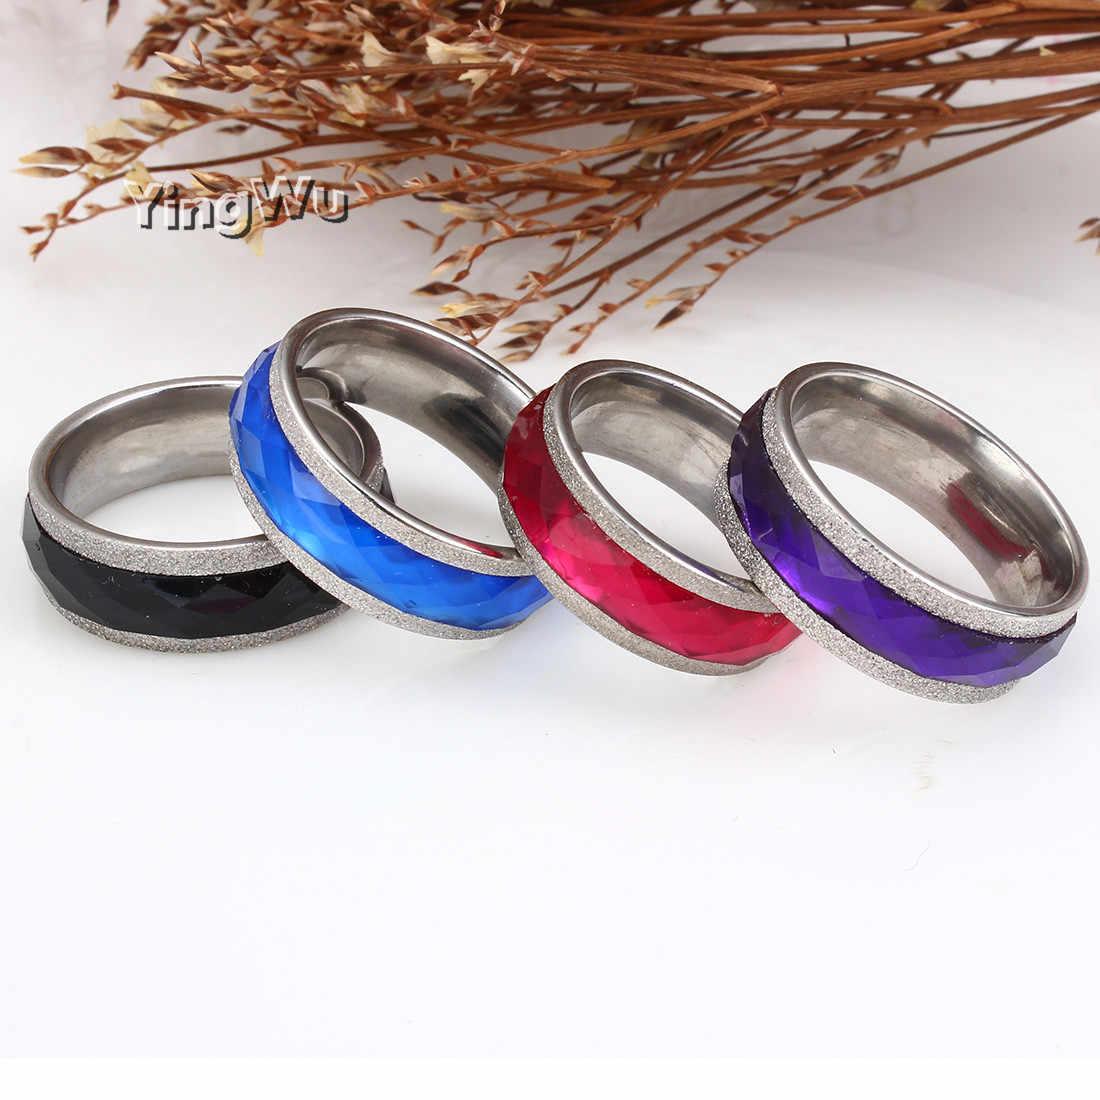 Yingwu 8 ミリメートルポリッシュパープル/ブルー/赤/黒色ファセット結晶ステンレス鋼チタンリング男性のための女性